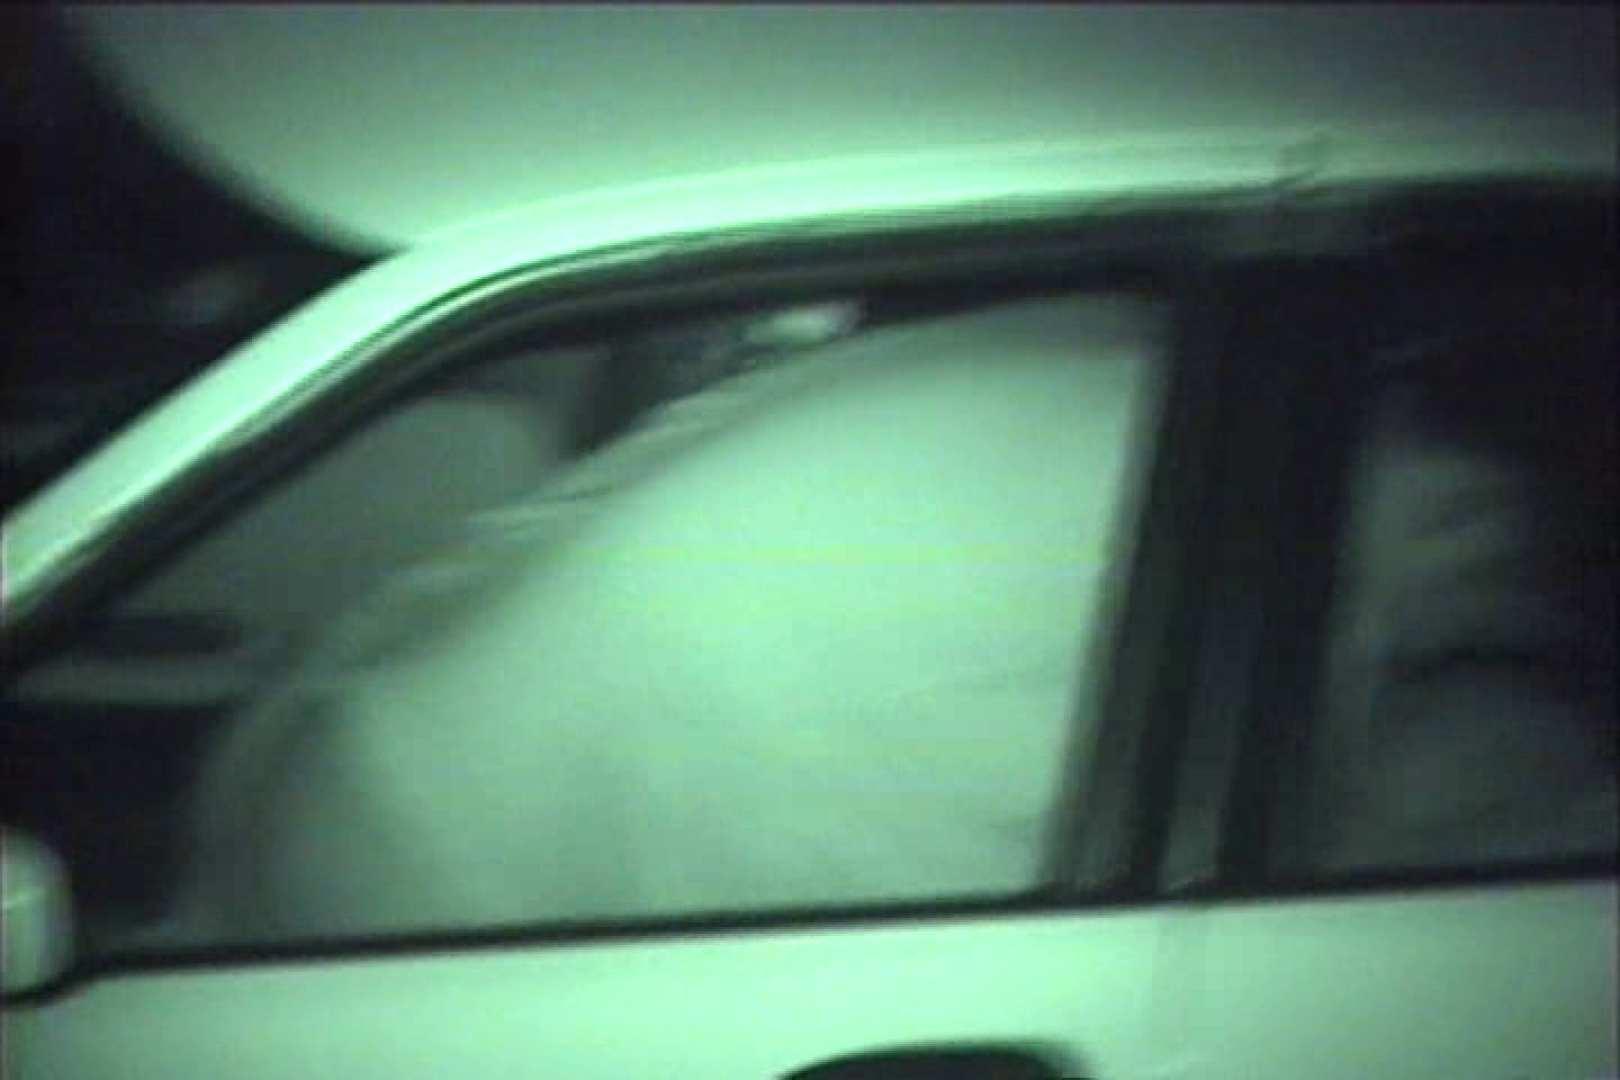 車の中はラブホテル 無修正版  Vol.17 ホテル 濡れ場動画紹介 97画像 75